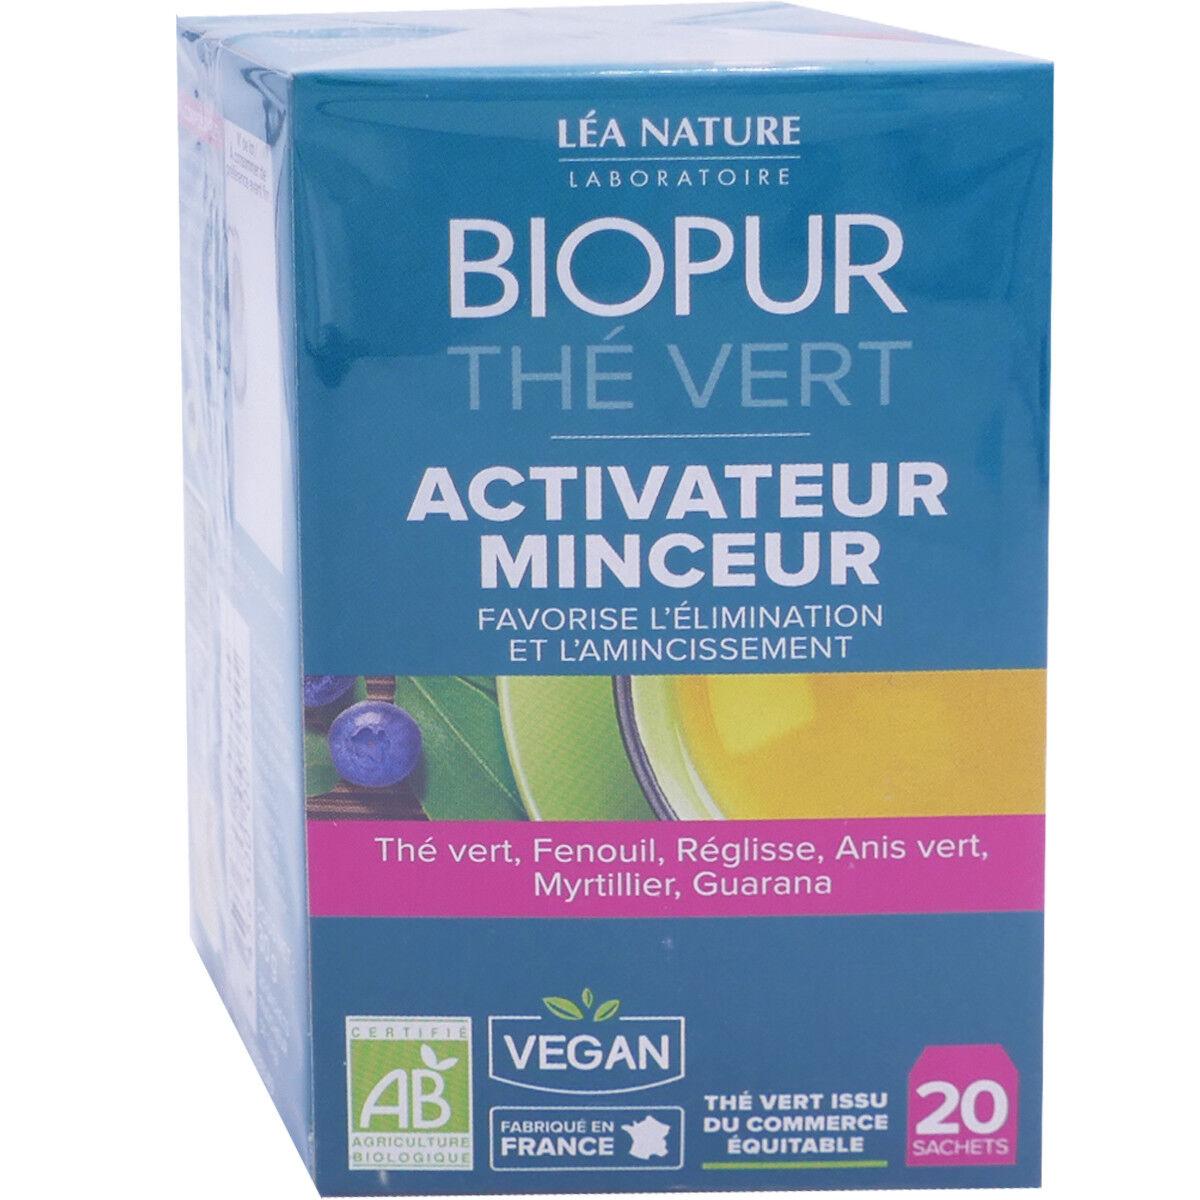 LEA NATURE Biopur the vert activateur minceur 20 sachets bio